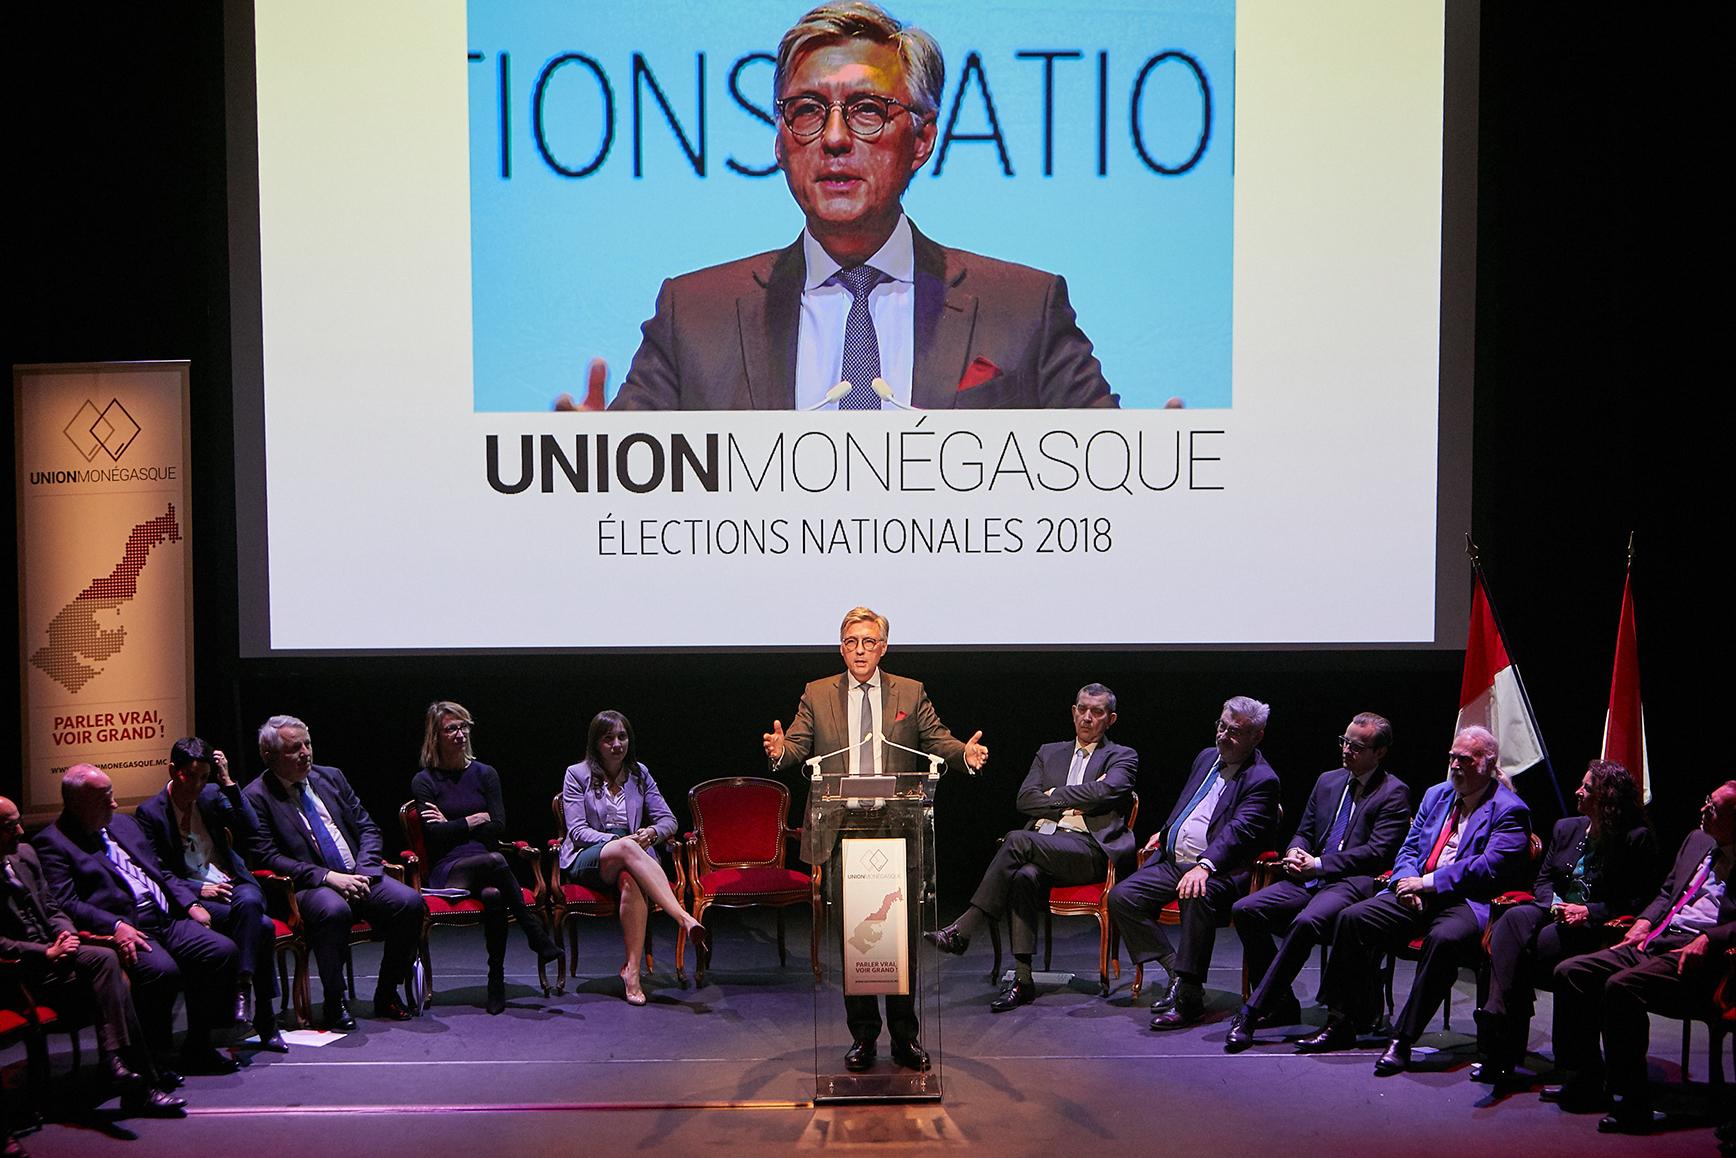 UnionMonegasque-016